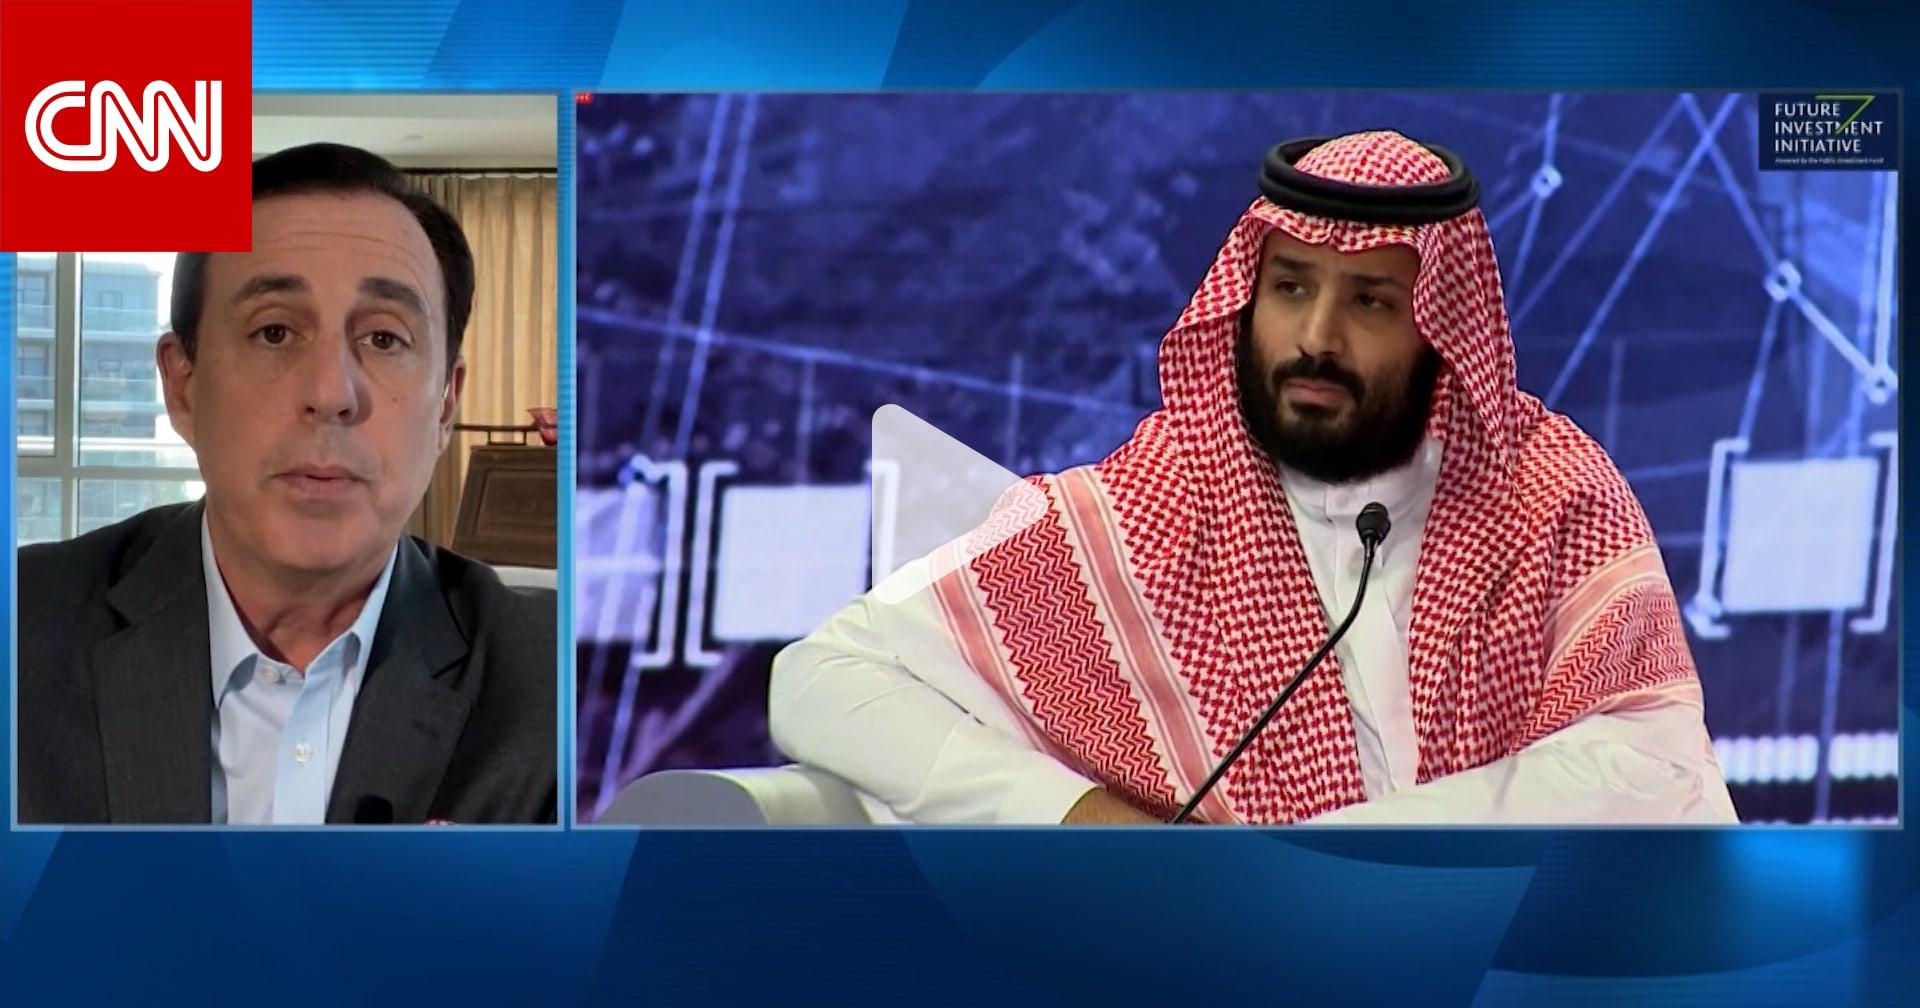 ما التحديات الاقتصادية التي قد تواجهها السعودية بعد تقرير الاستخبارات الأمريكية؟